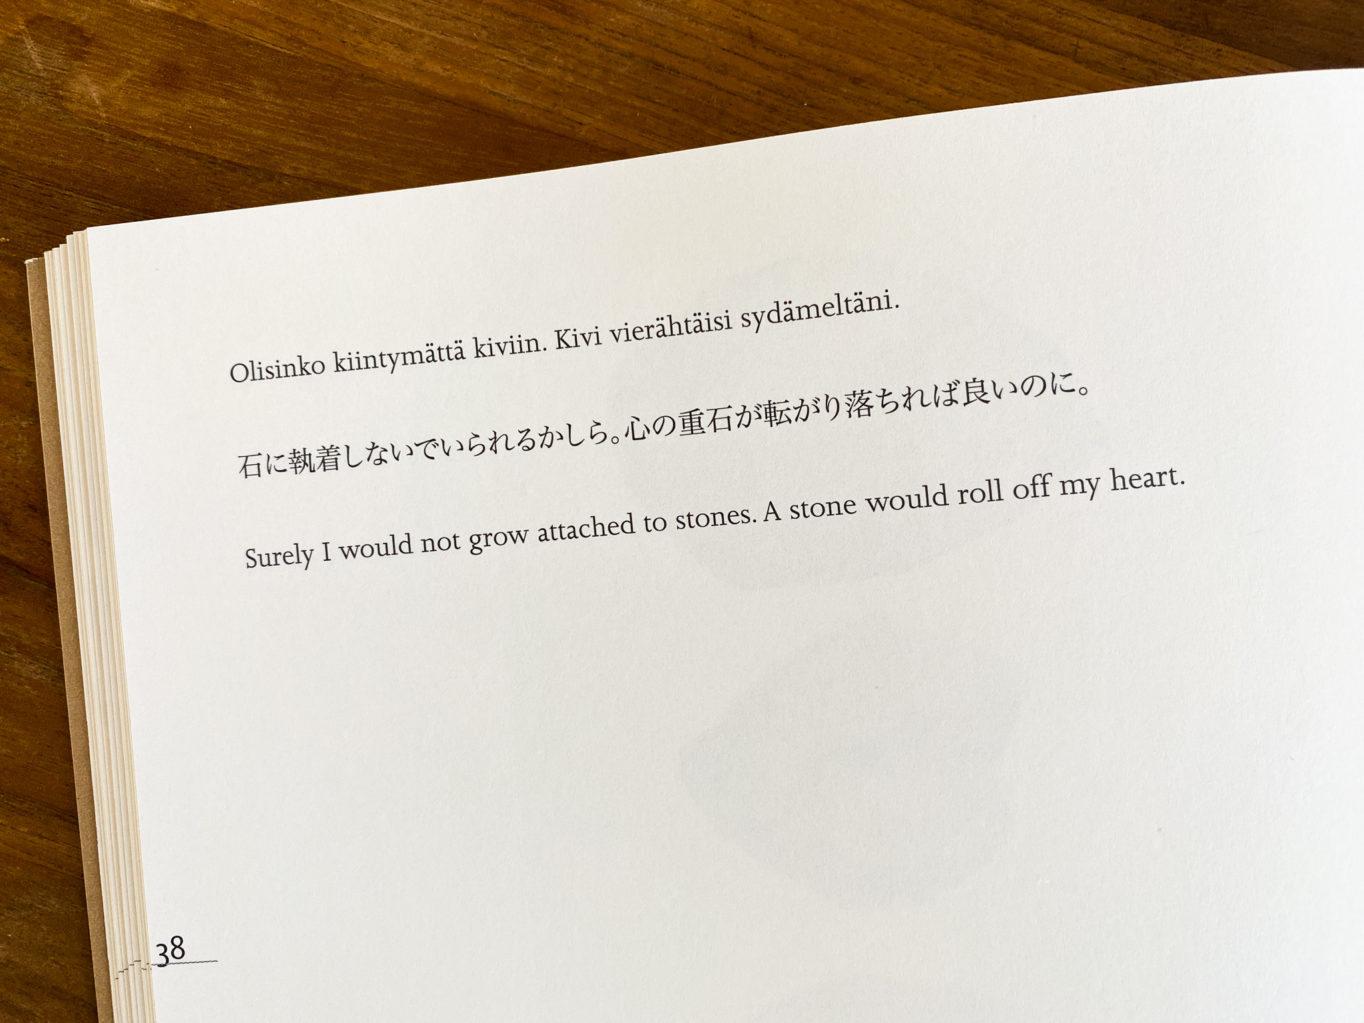 """Kuva kirjan sivusta, jossa on aforismi """"Olisinko kiintymättä kiviin. Kivi vierähtäisi sydämeltäni."""""""